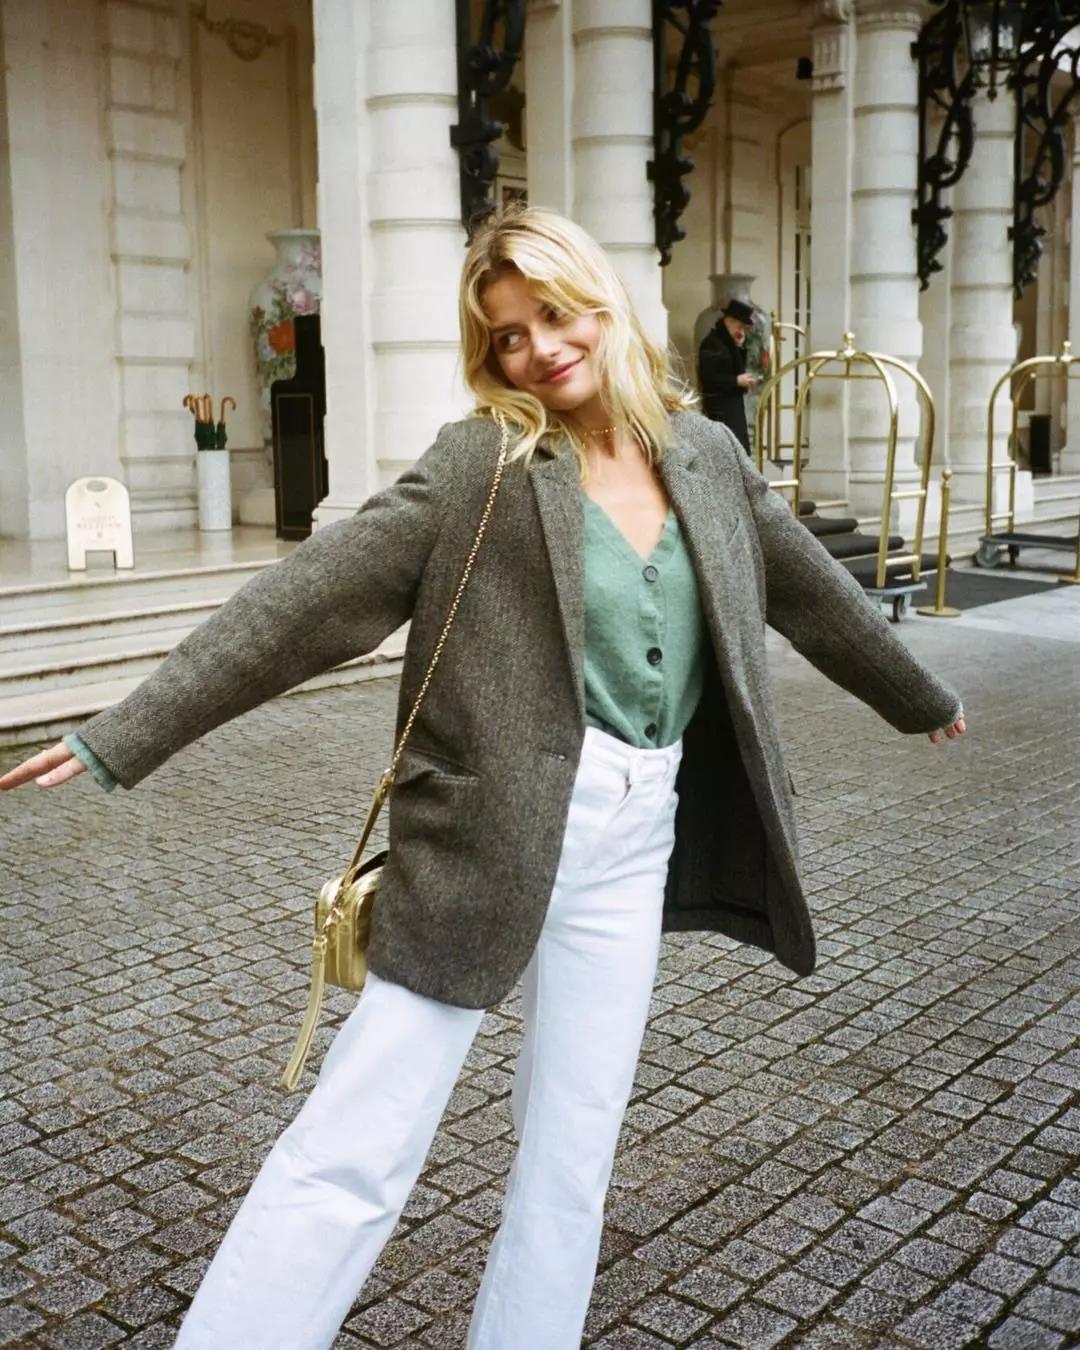 quần jeans trắng và áo khoác